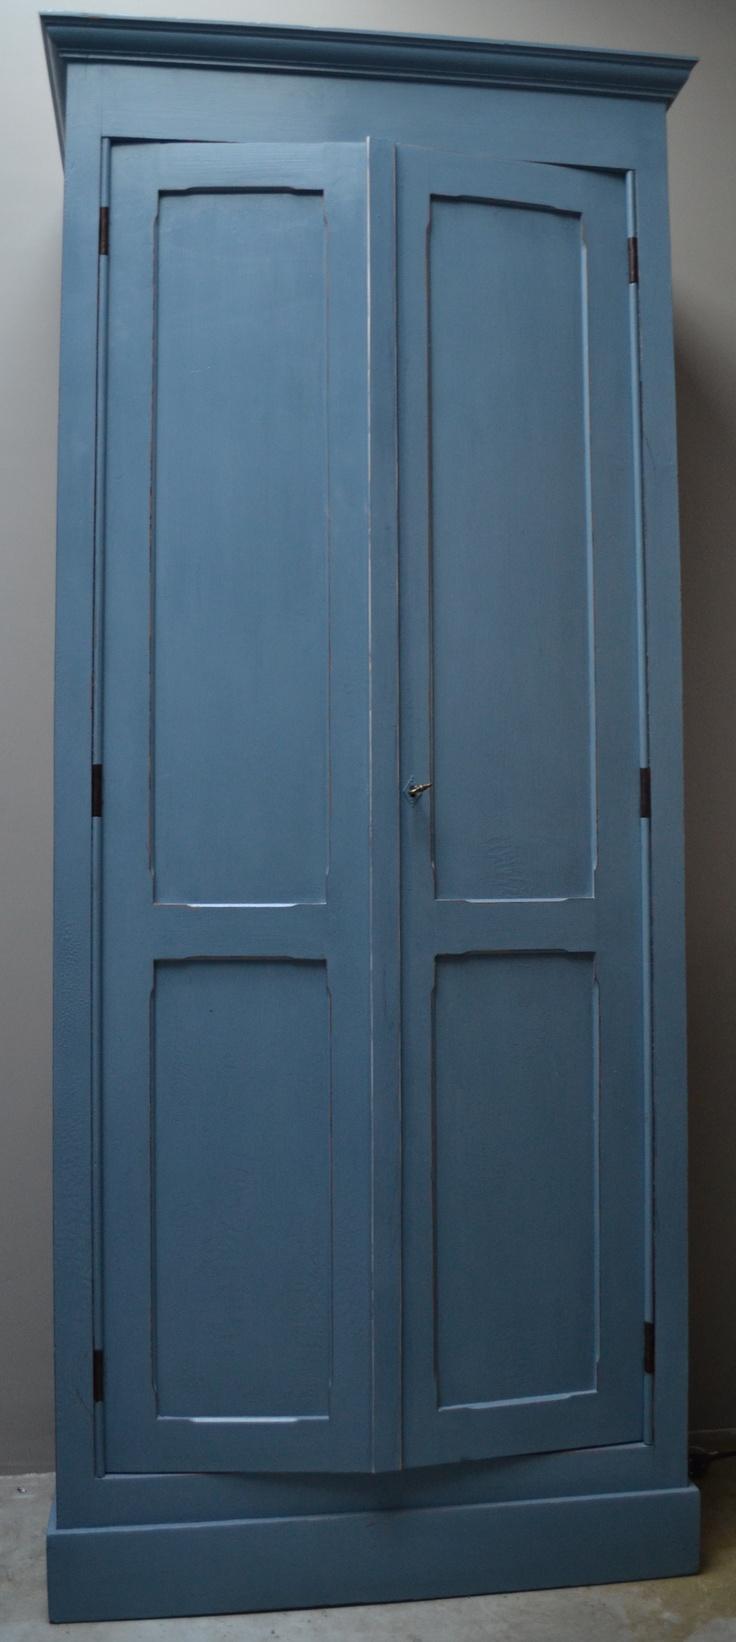 25 beste idee n over blauwe verf kleuren op pinterest muurverf kleuren slaapkamer verf - Welke kleur verf voor een kamer ...